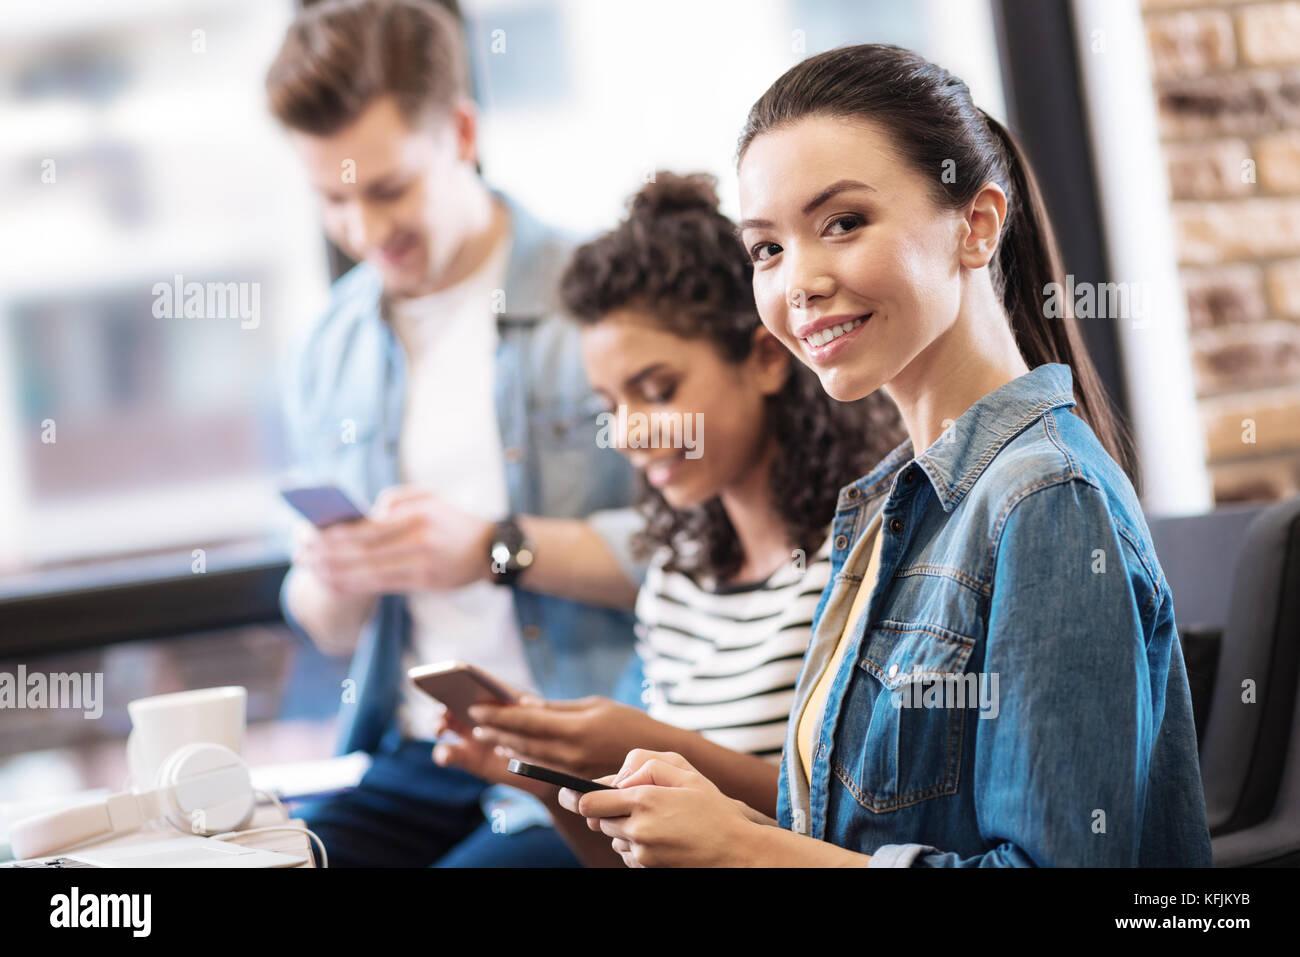 Sorridente ragazza seduta e tenendo premuto il suo telefono Immagini Stock